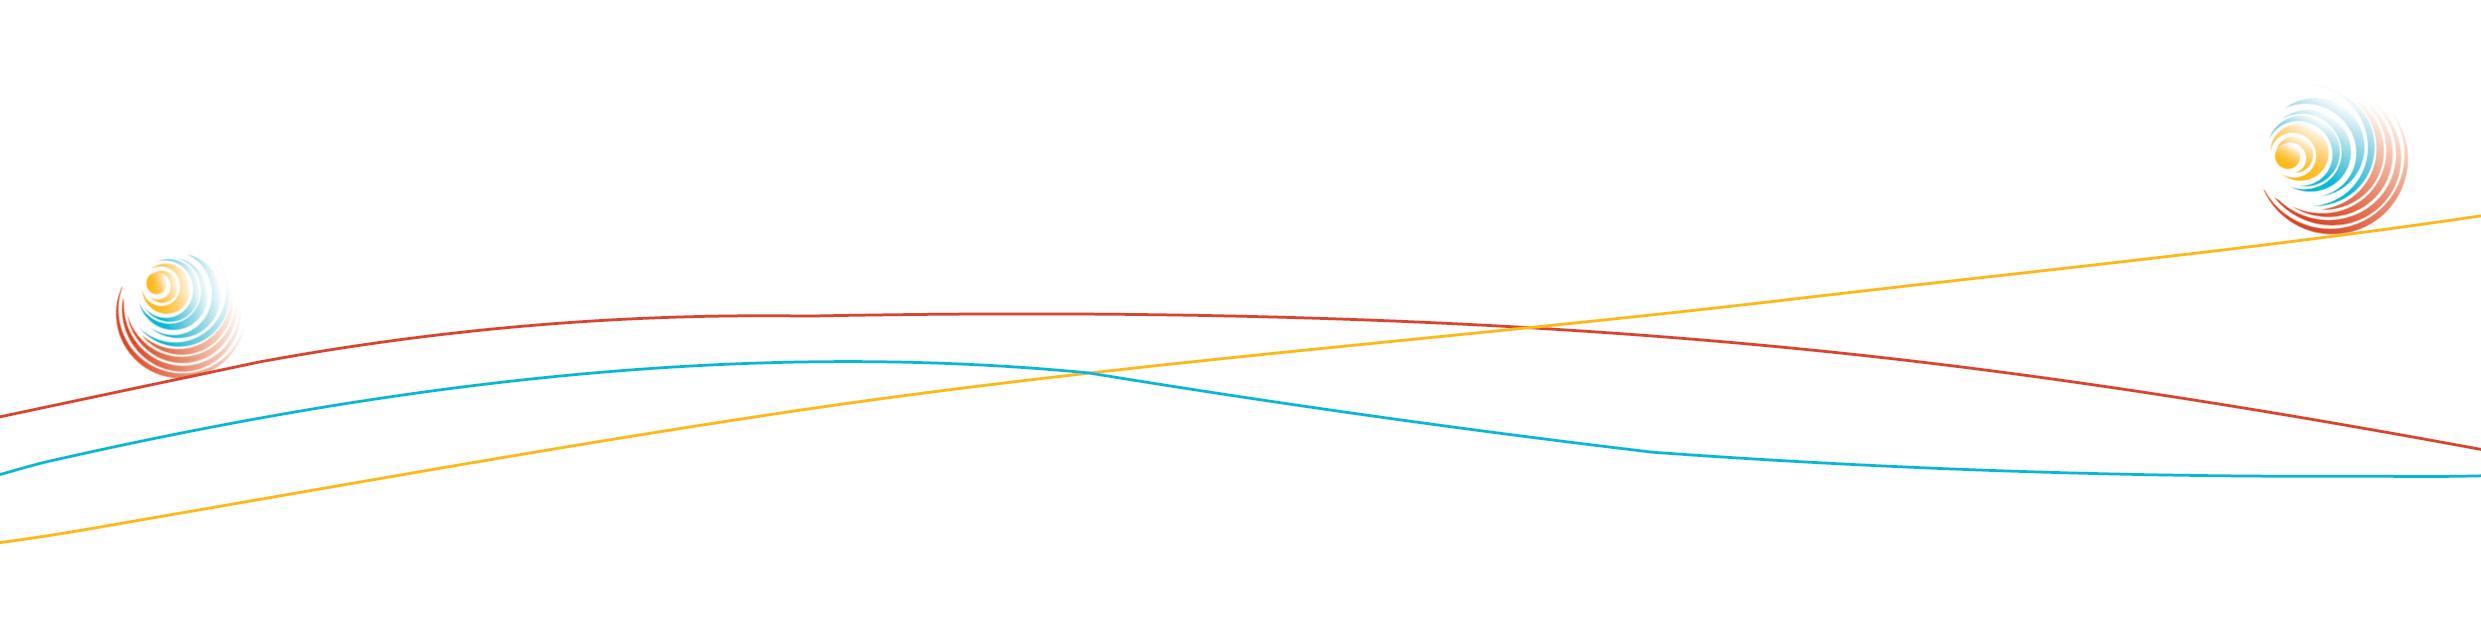 Spirale rollt über farbige Linien